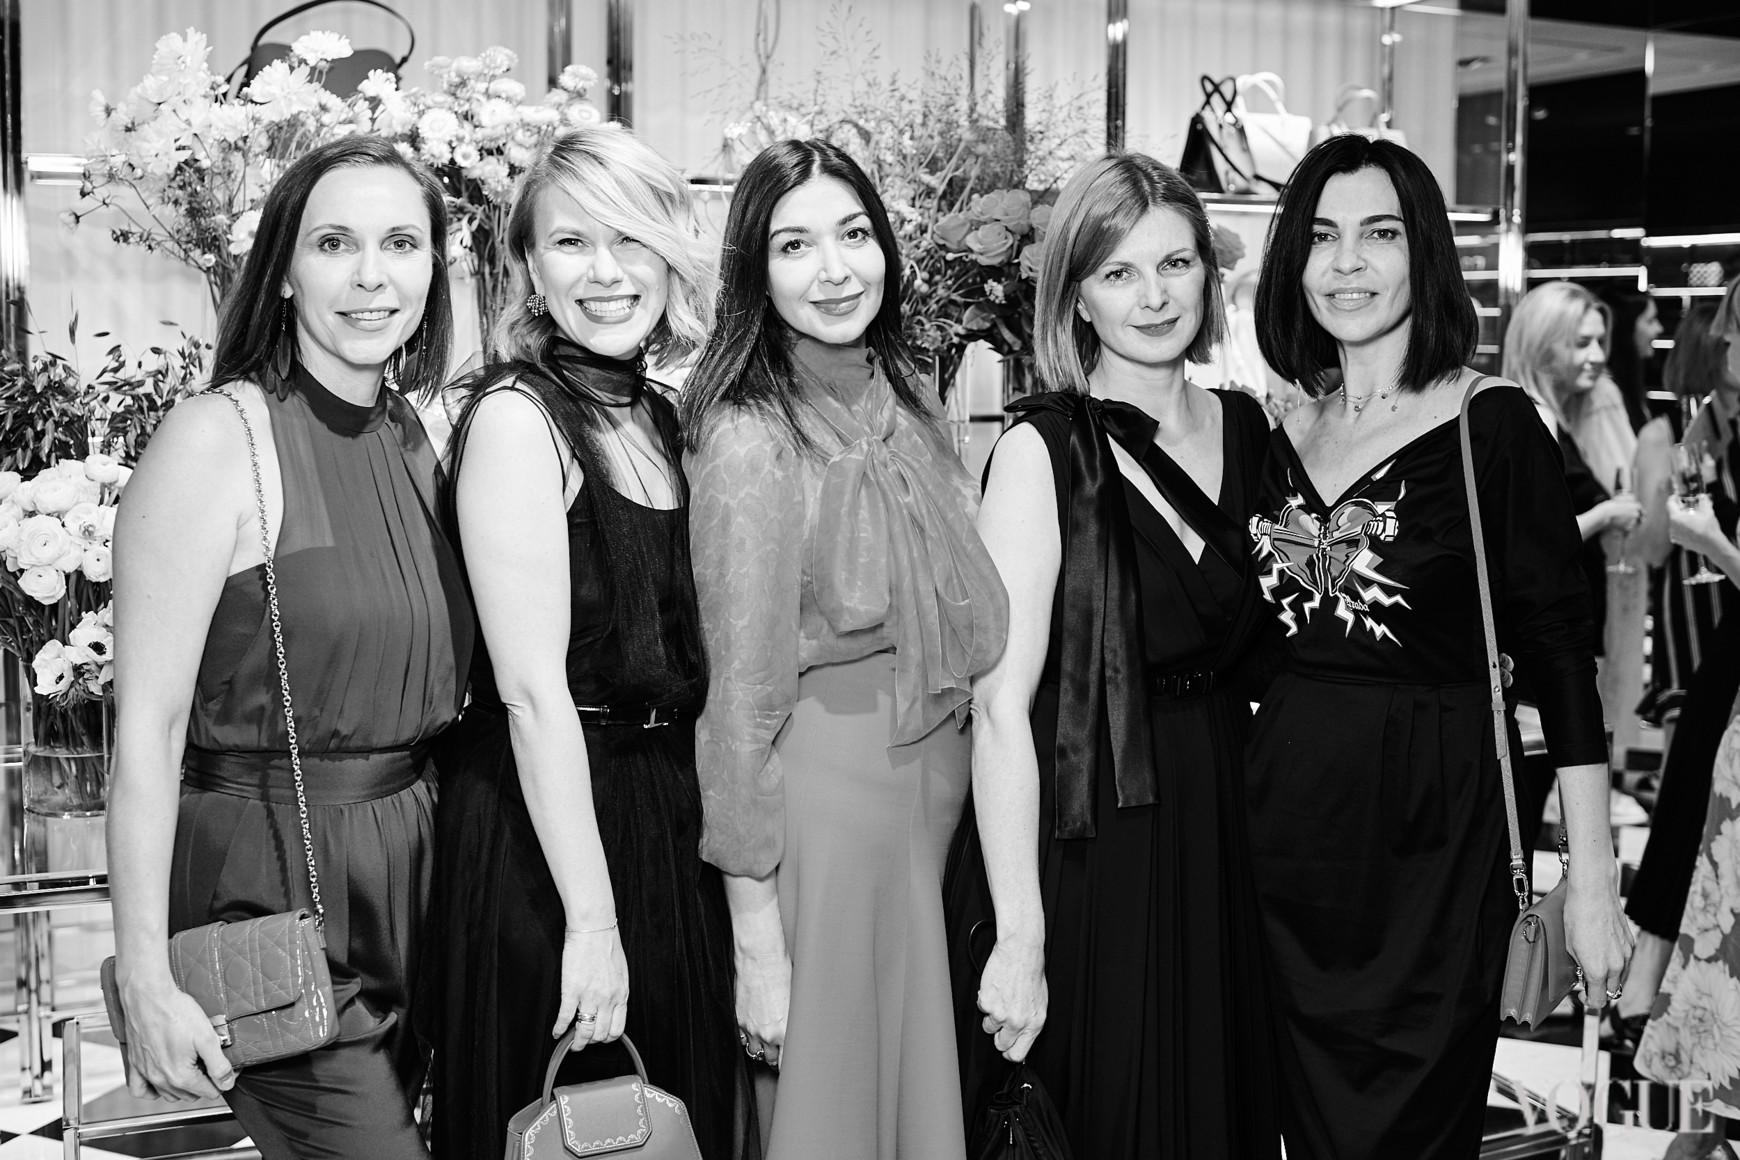 Наталья Савченко, Наталья Листопад, Ольга Дашкиева, Екатерина Кулик и Светлана Макеенко